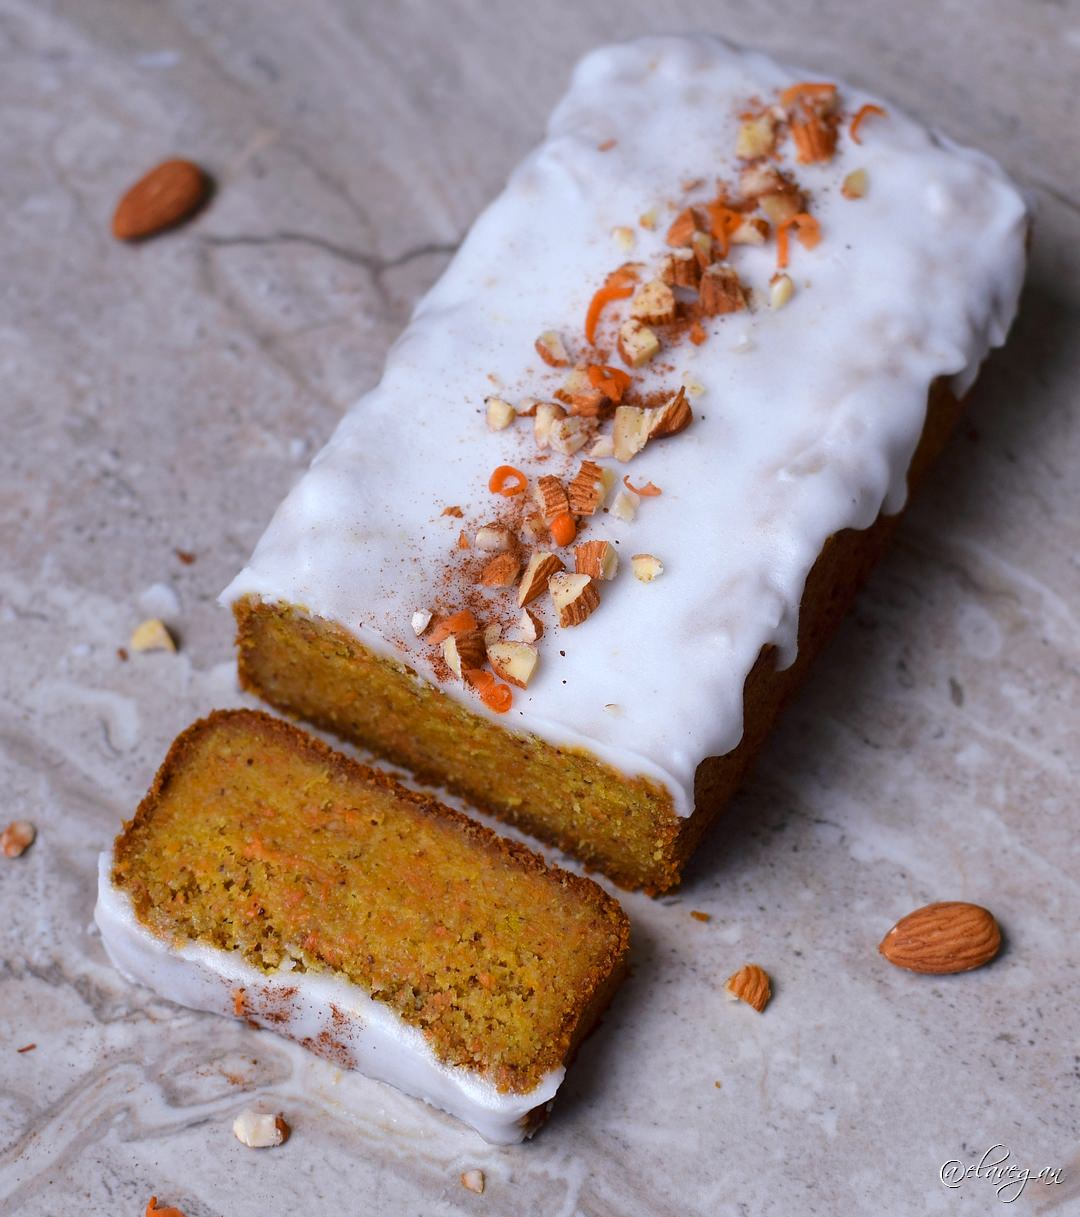 Karottenkuchen Rezept ohne Milch und ohne Ei - dieser Möhrenkuchen ist vegan, glutenfrei und zuckerfrei